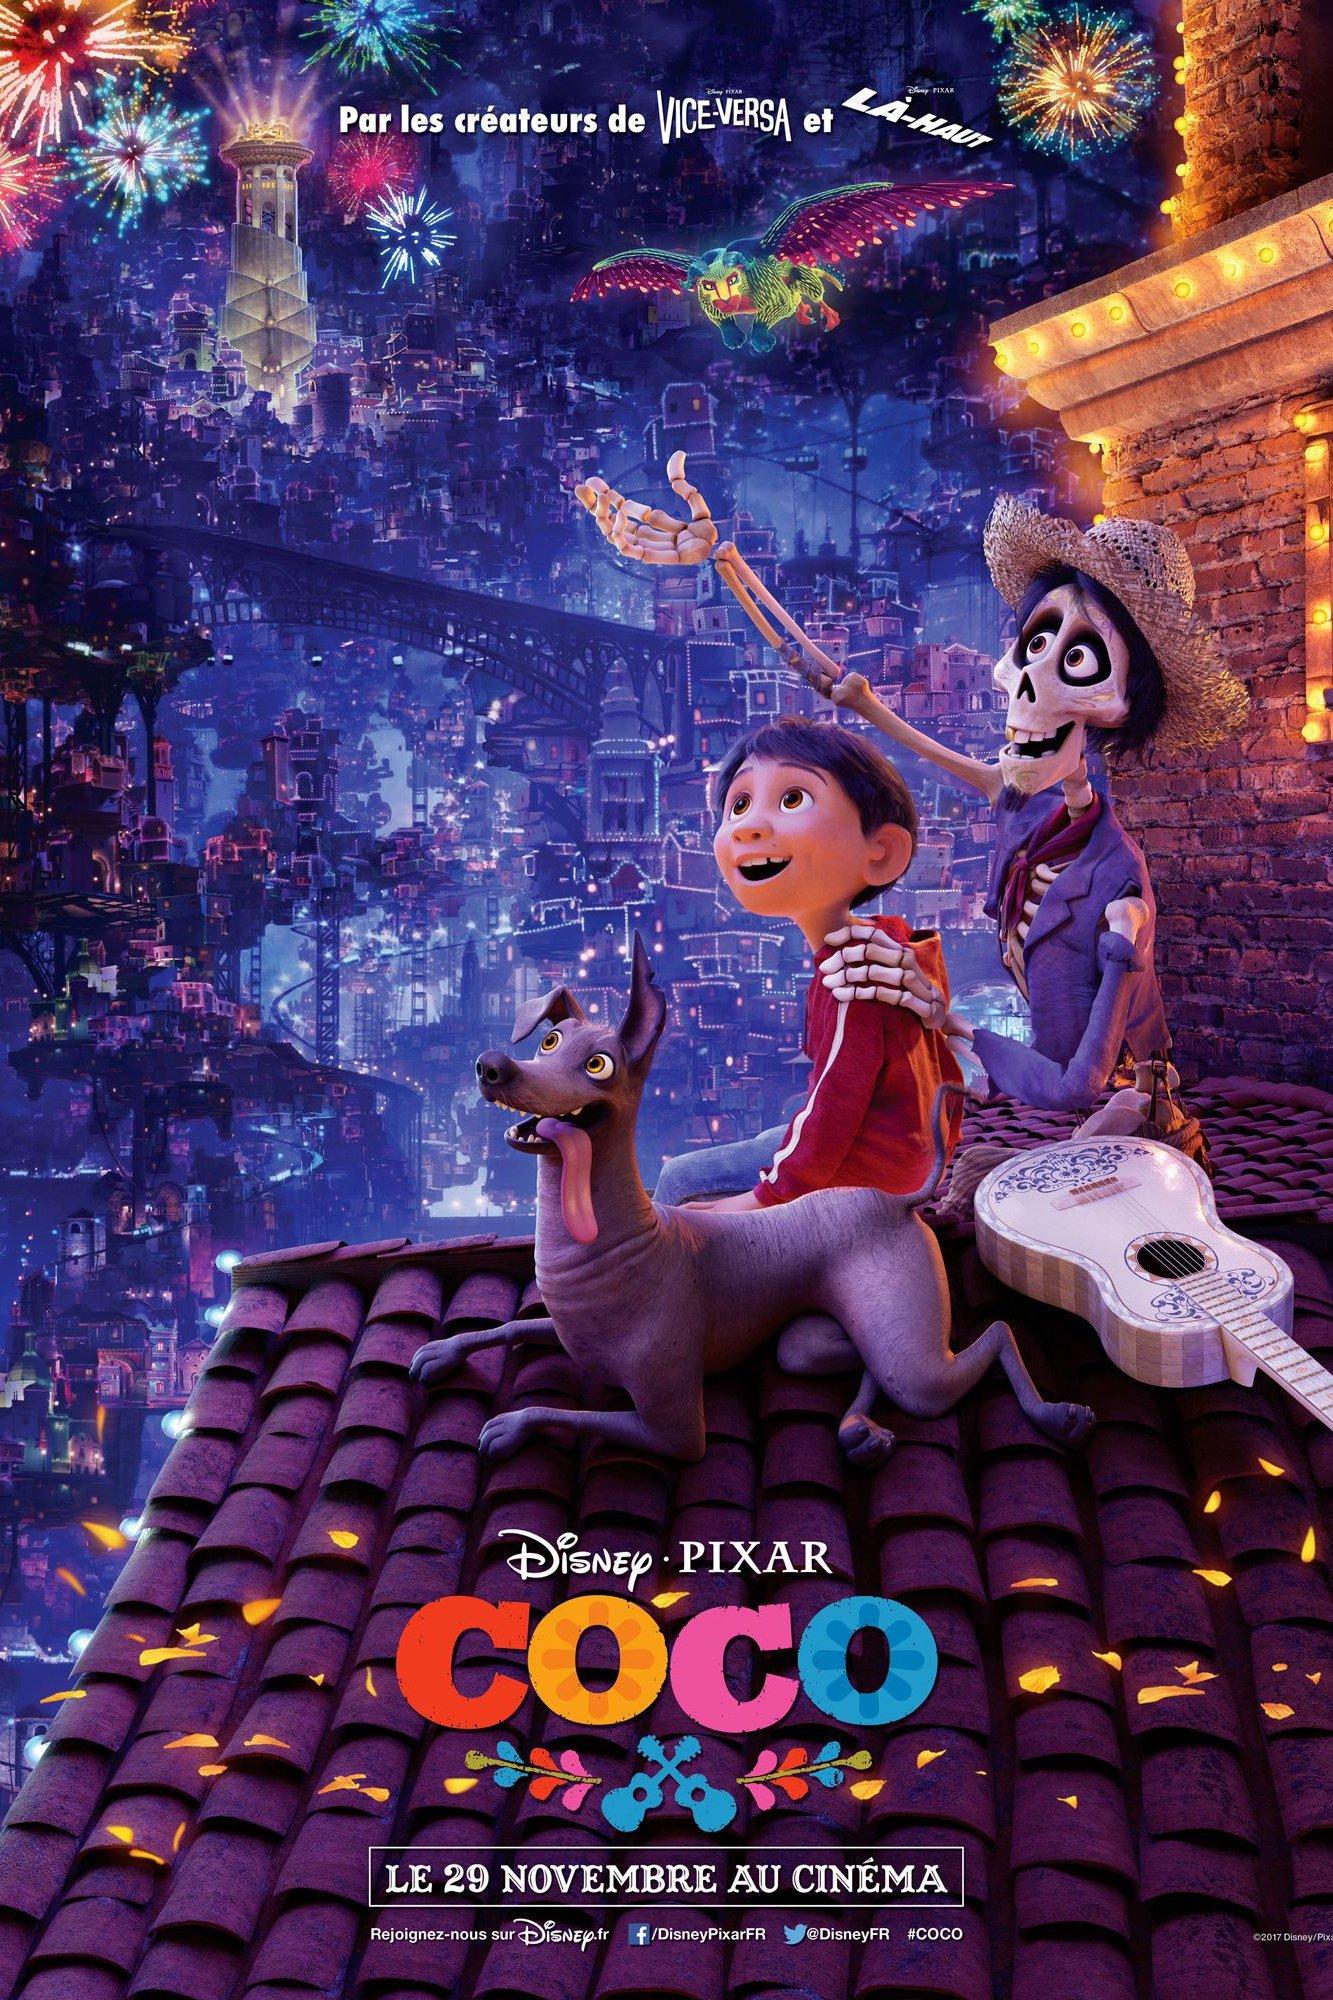 Regarder Coco en streaming gratuit